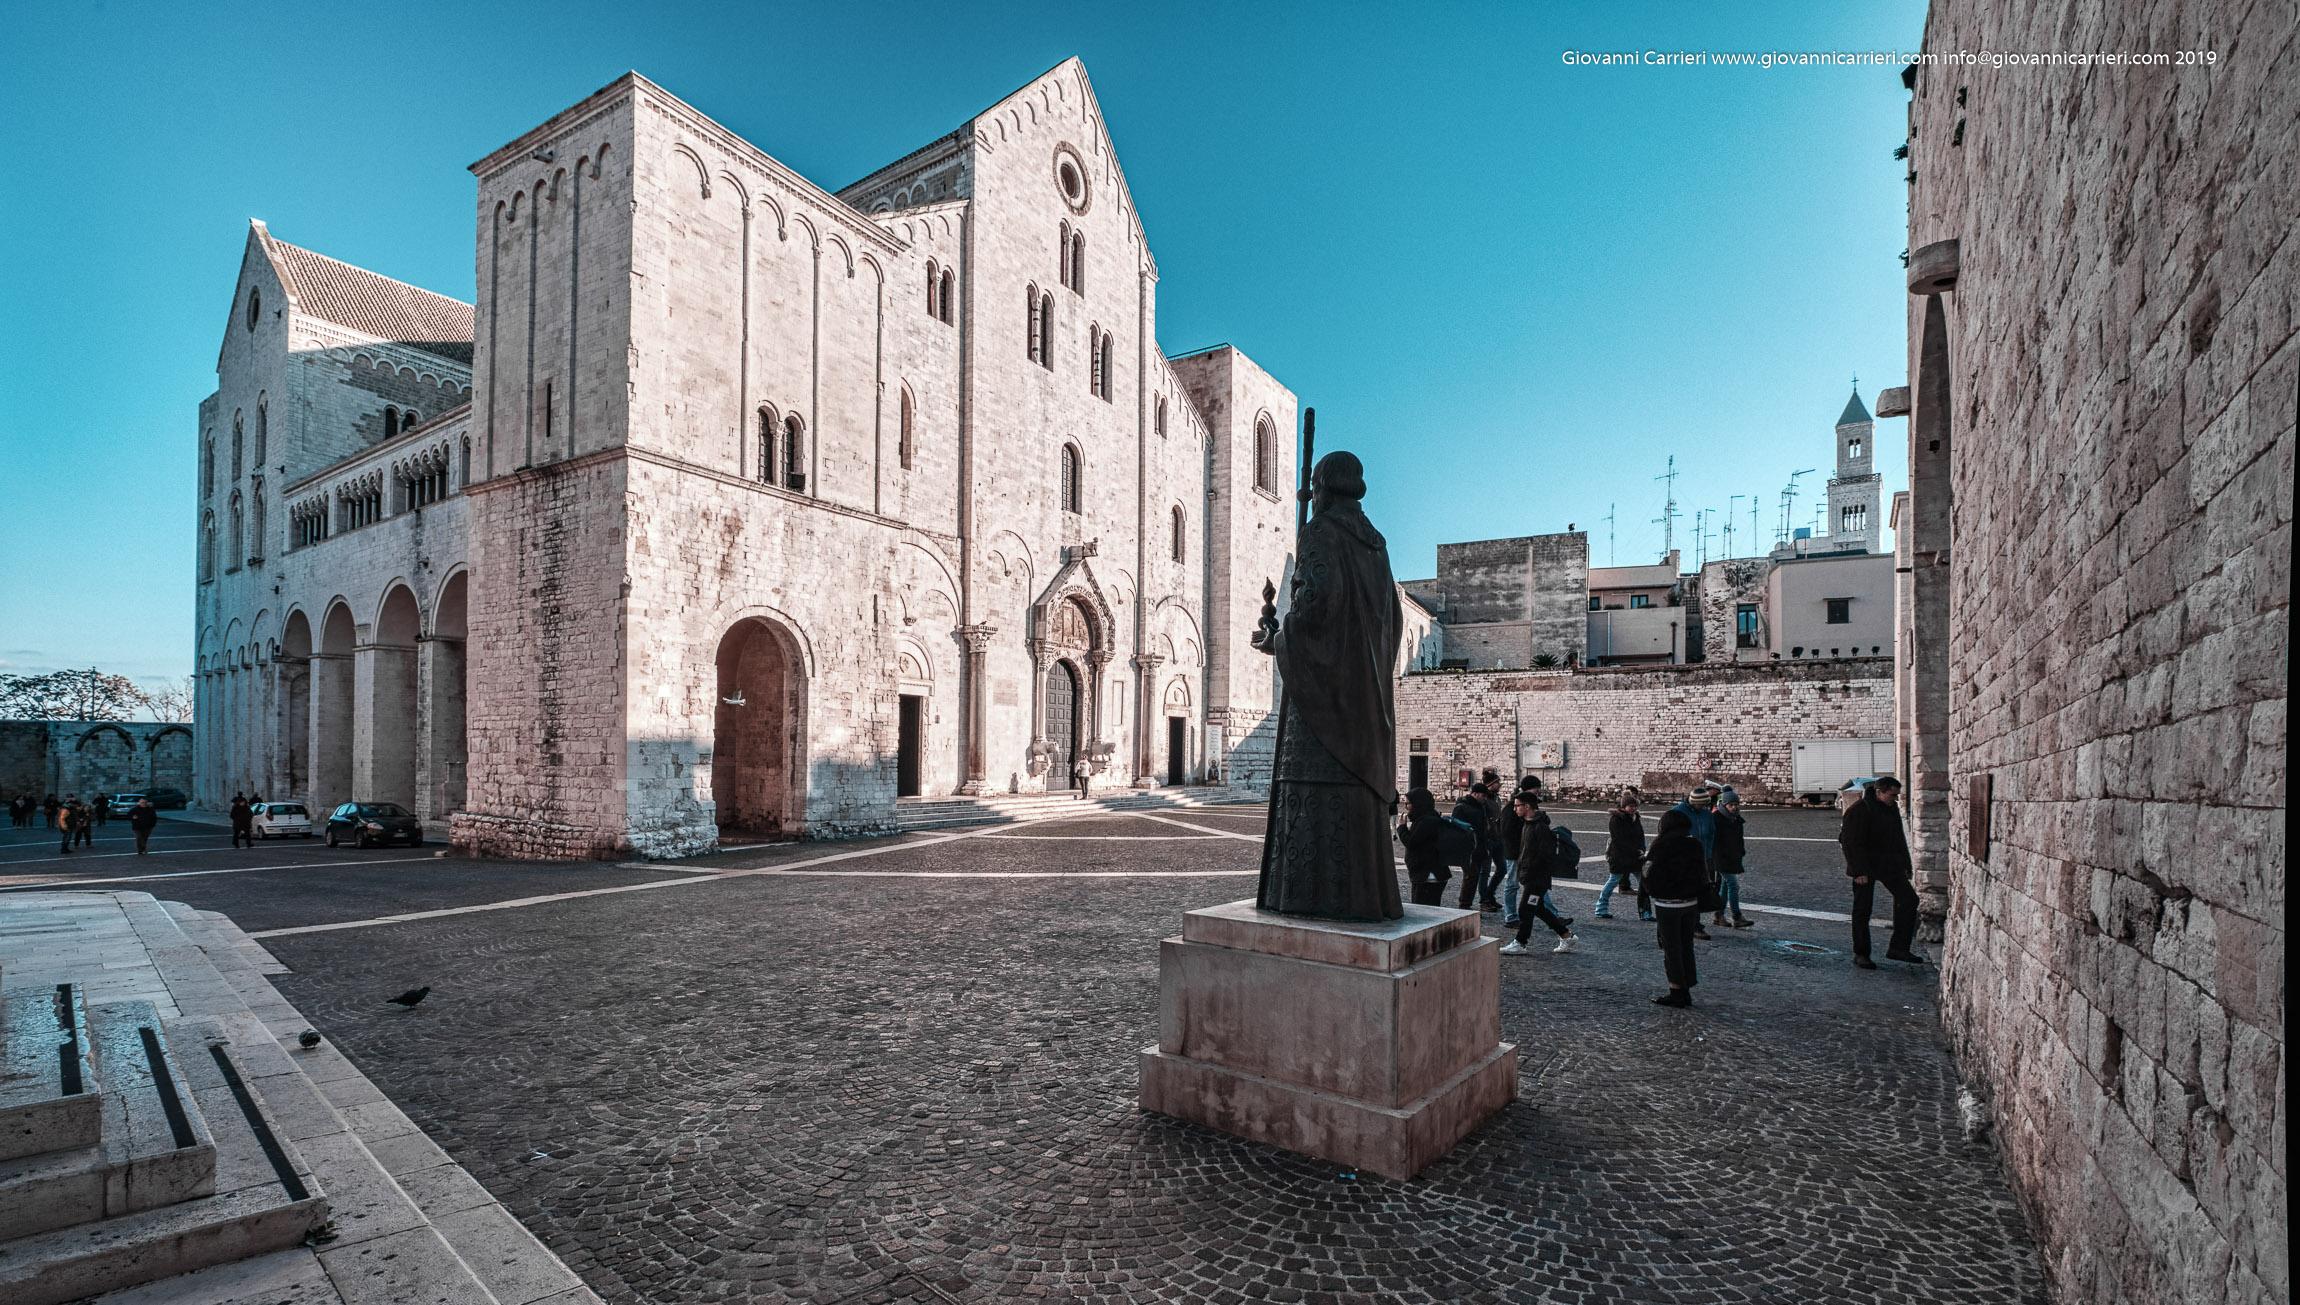 La Basilica di San Nicola e la statua di San Nicola